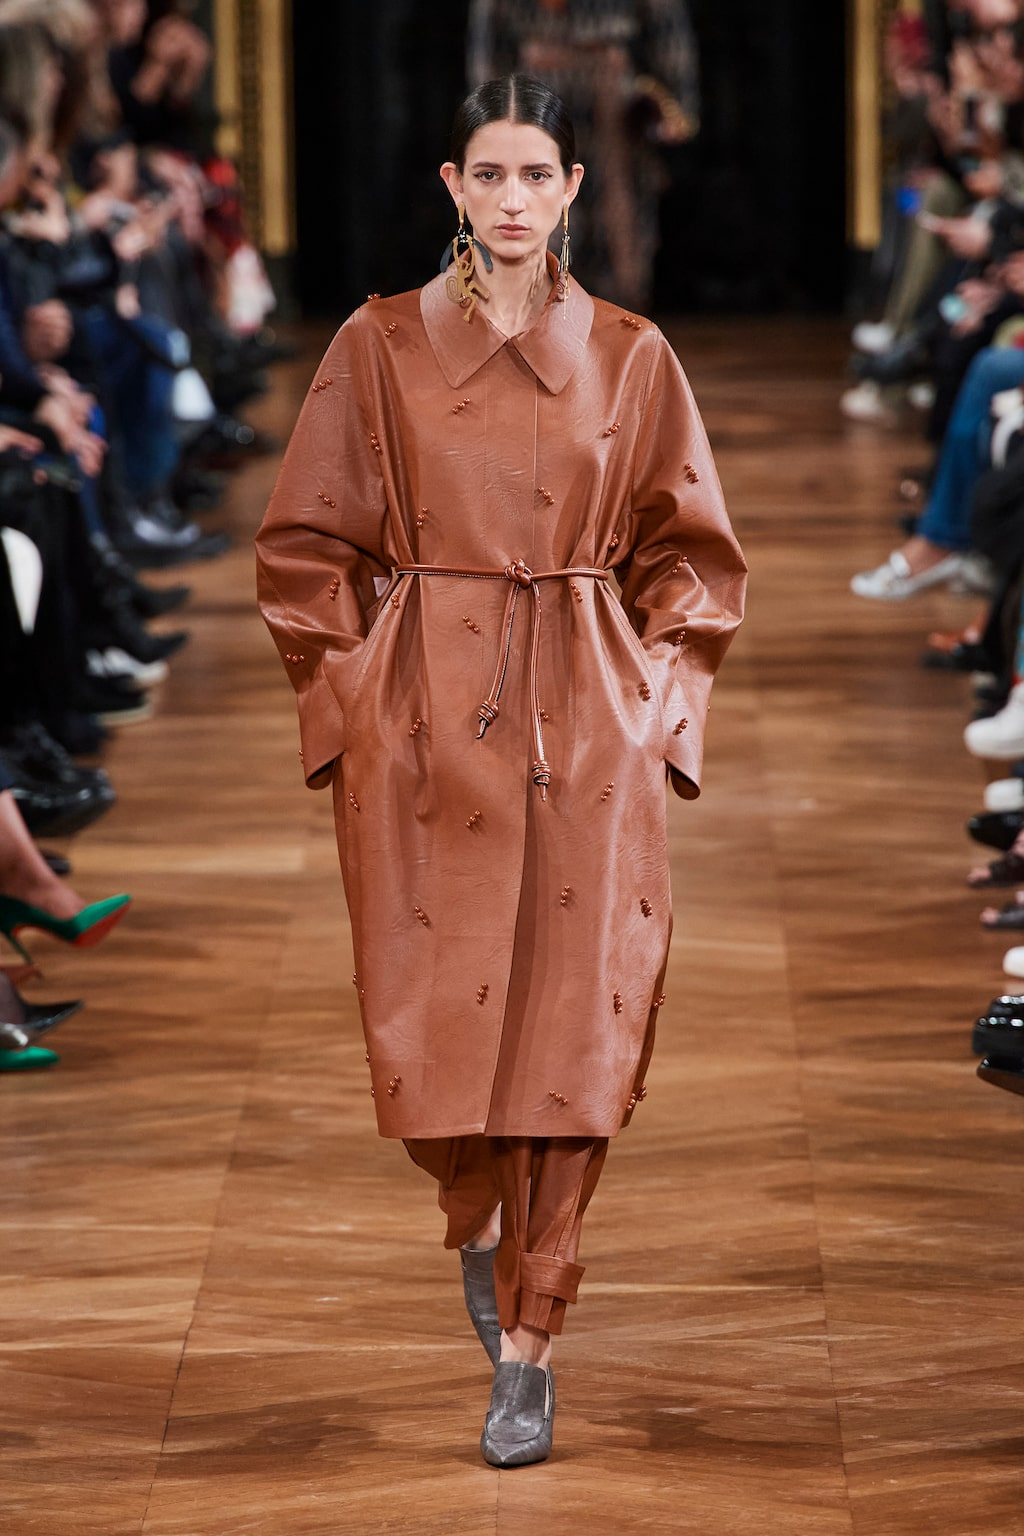 Höstmode 2020: läderkappor hos Stella McCartney AW20.